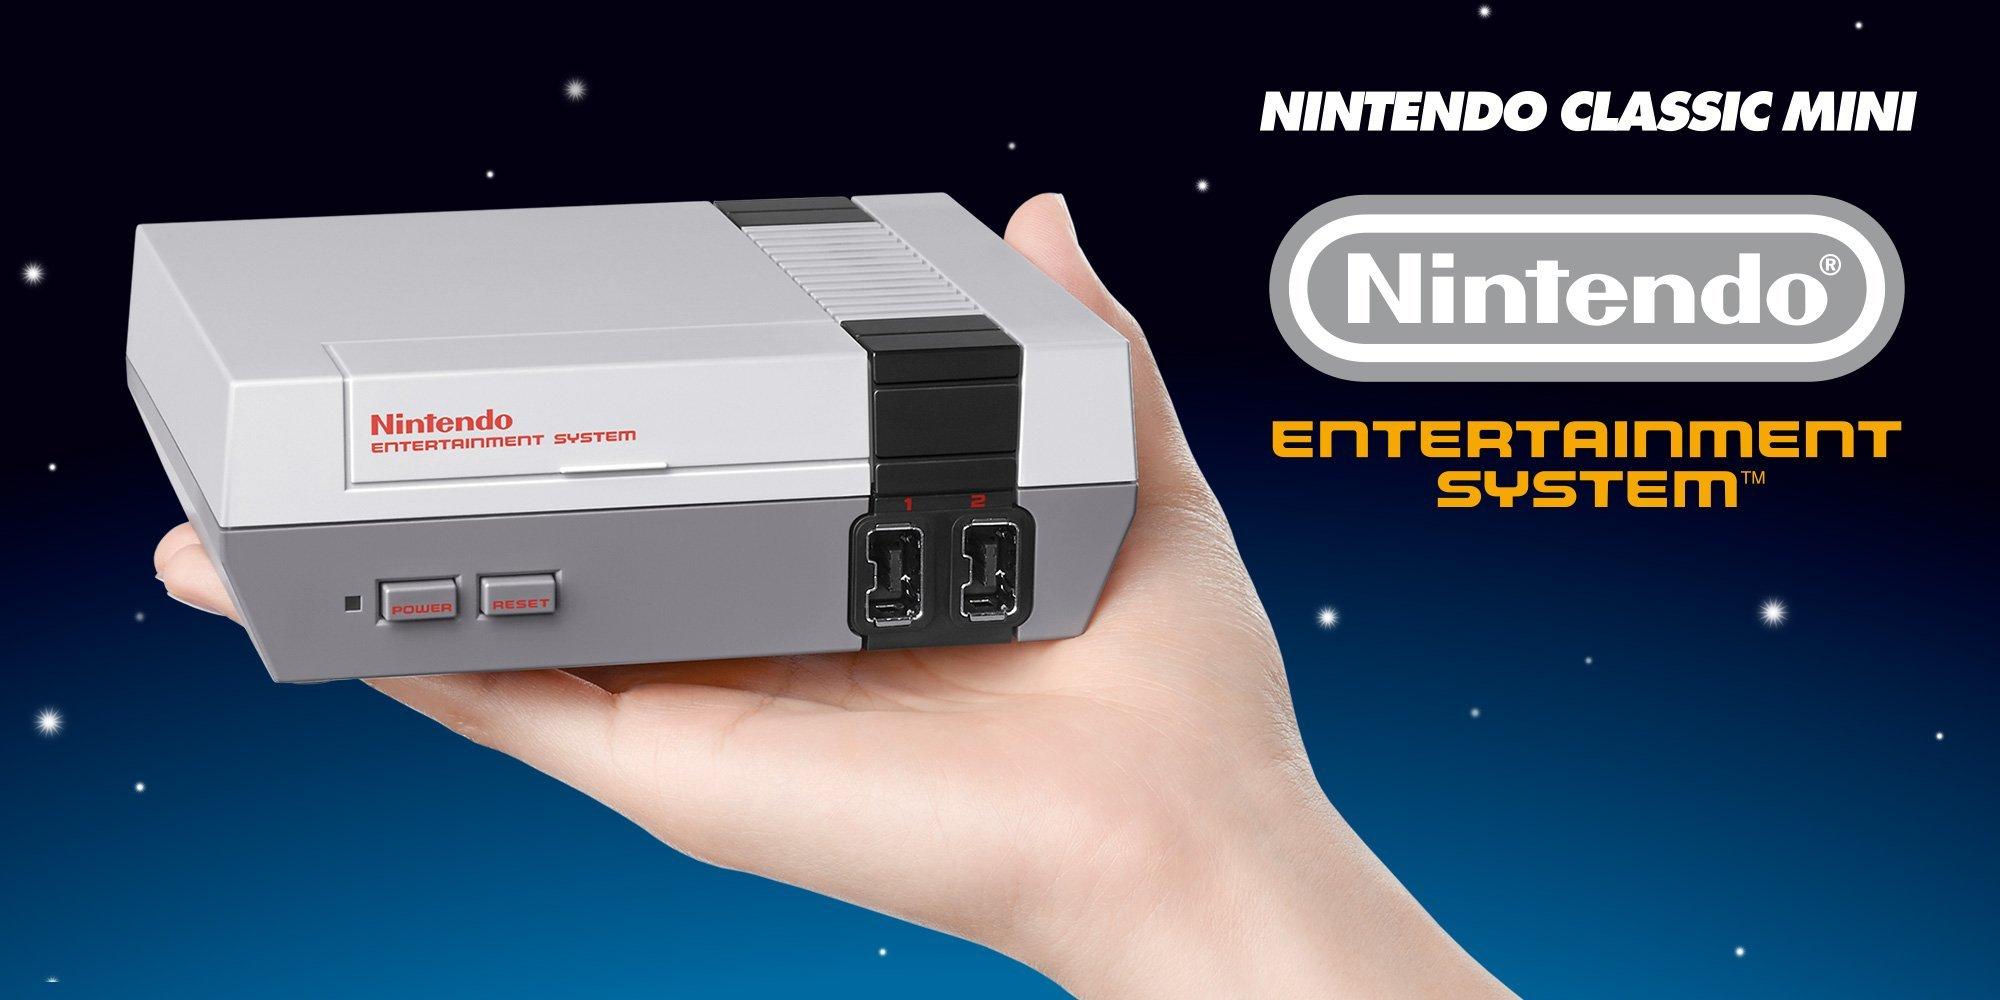 Regresa a tu infancia con la nueva NES Classic Edition de Nintendo